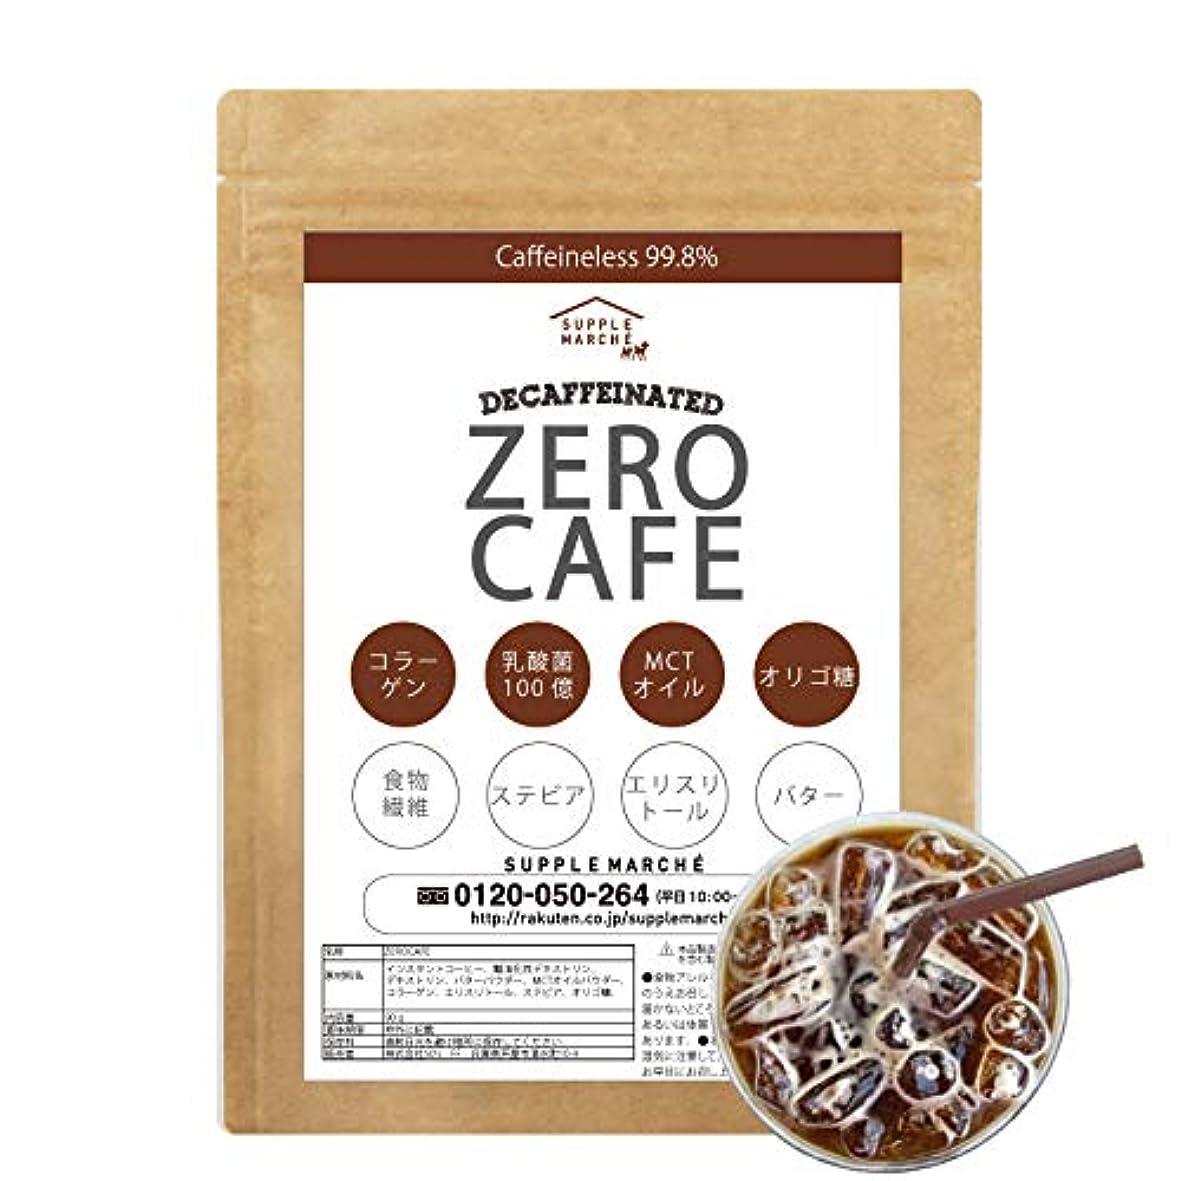 答え周辺船酔いダイエットコーヒー デカフェ バターコーヒー 90g (約30杯) アイスコーヒー カフェインレス MCTオイル 乳酸菌 コラーゲン オリゴ糖 ダイエット シリコンバレー式